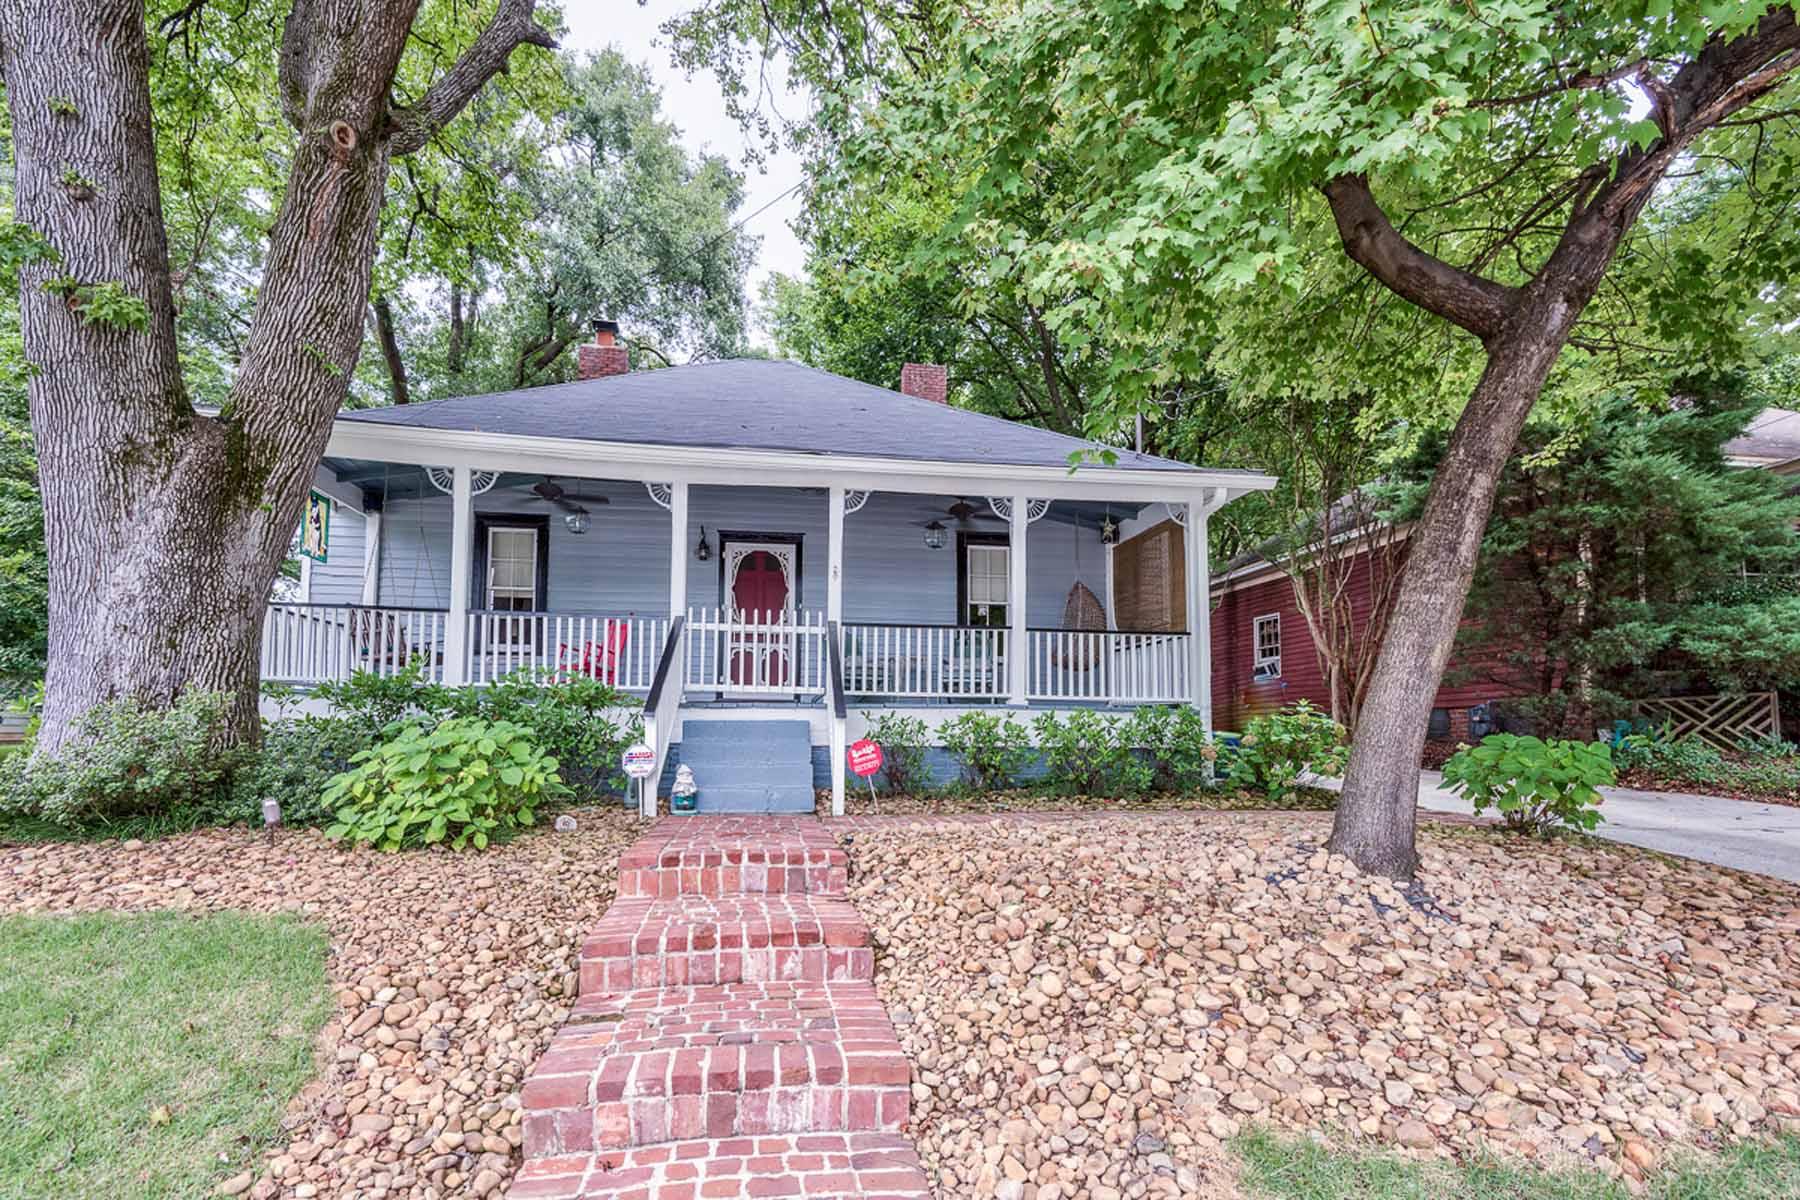 Einfamilienhaus für Verkauf beim Renovated, Restored and Oh So Charming Whittier Mills Bungalow! 2959 Parrott Avenue NW Atlanta, Georgia 30318 Vereinigte Staaten